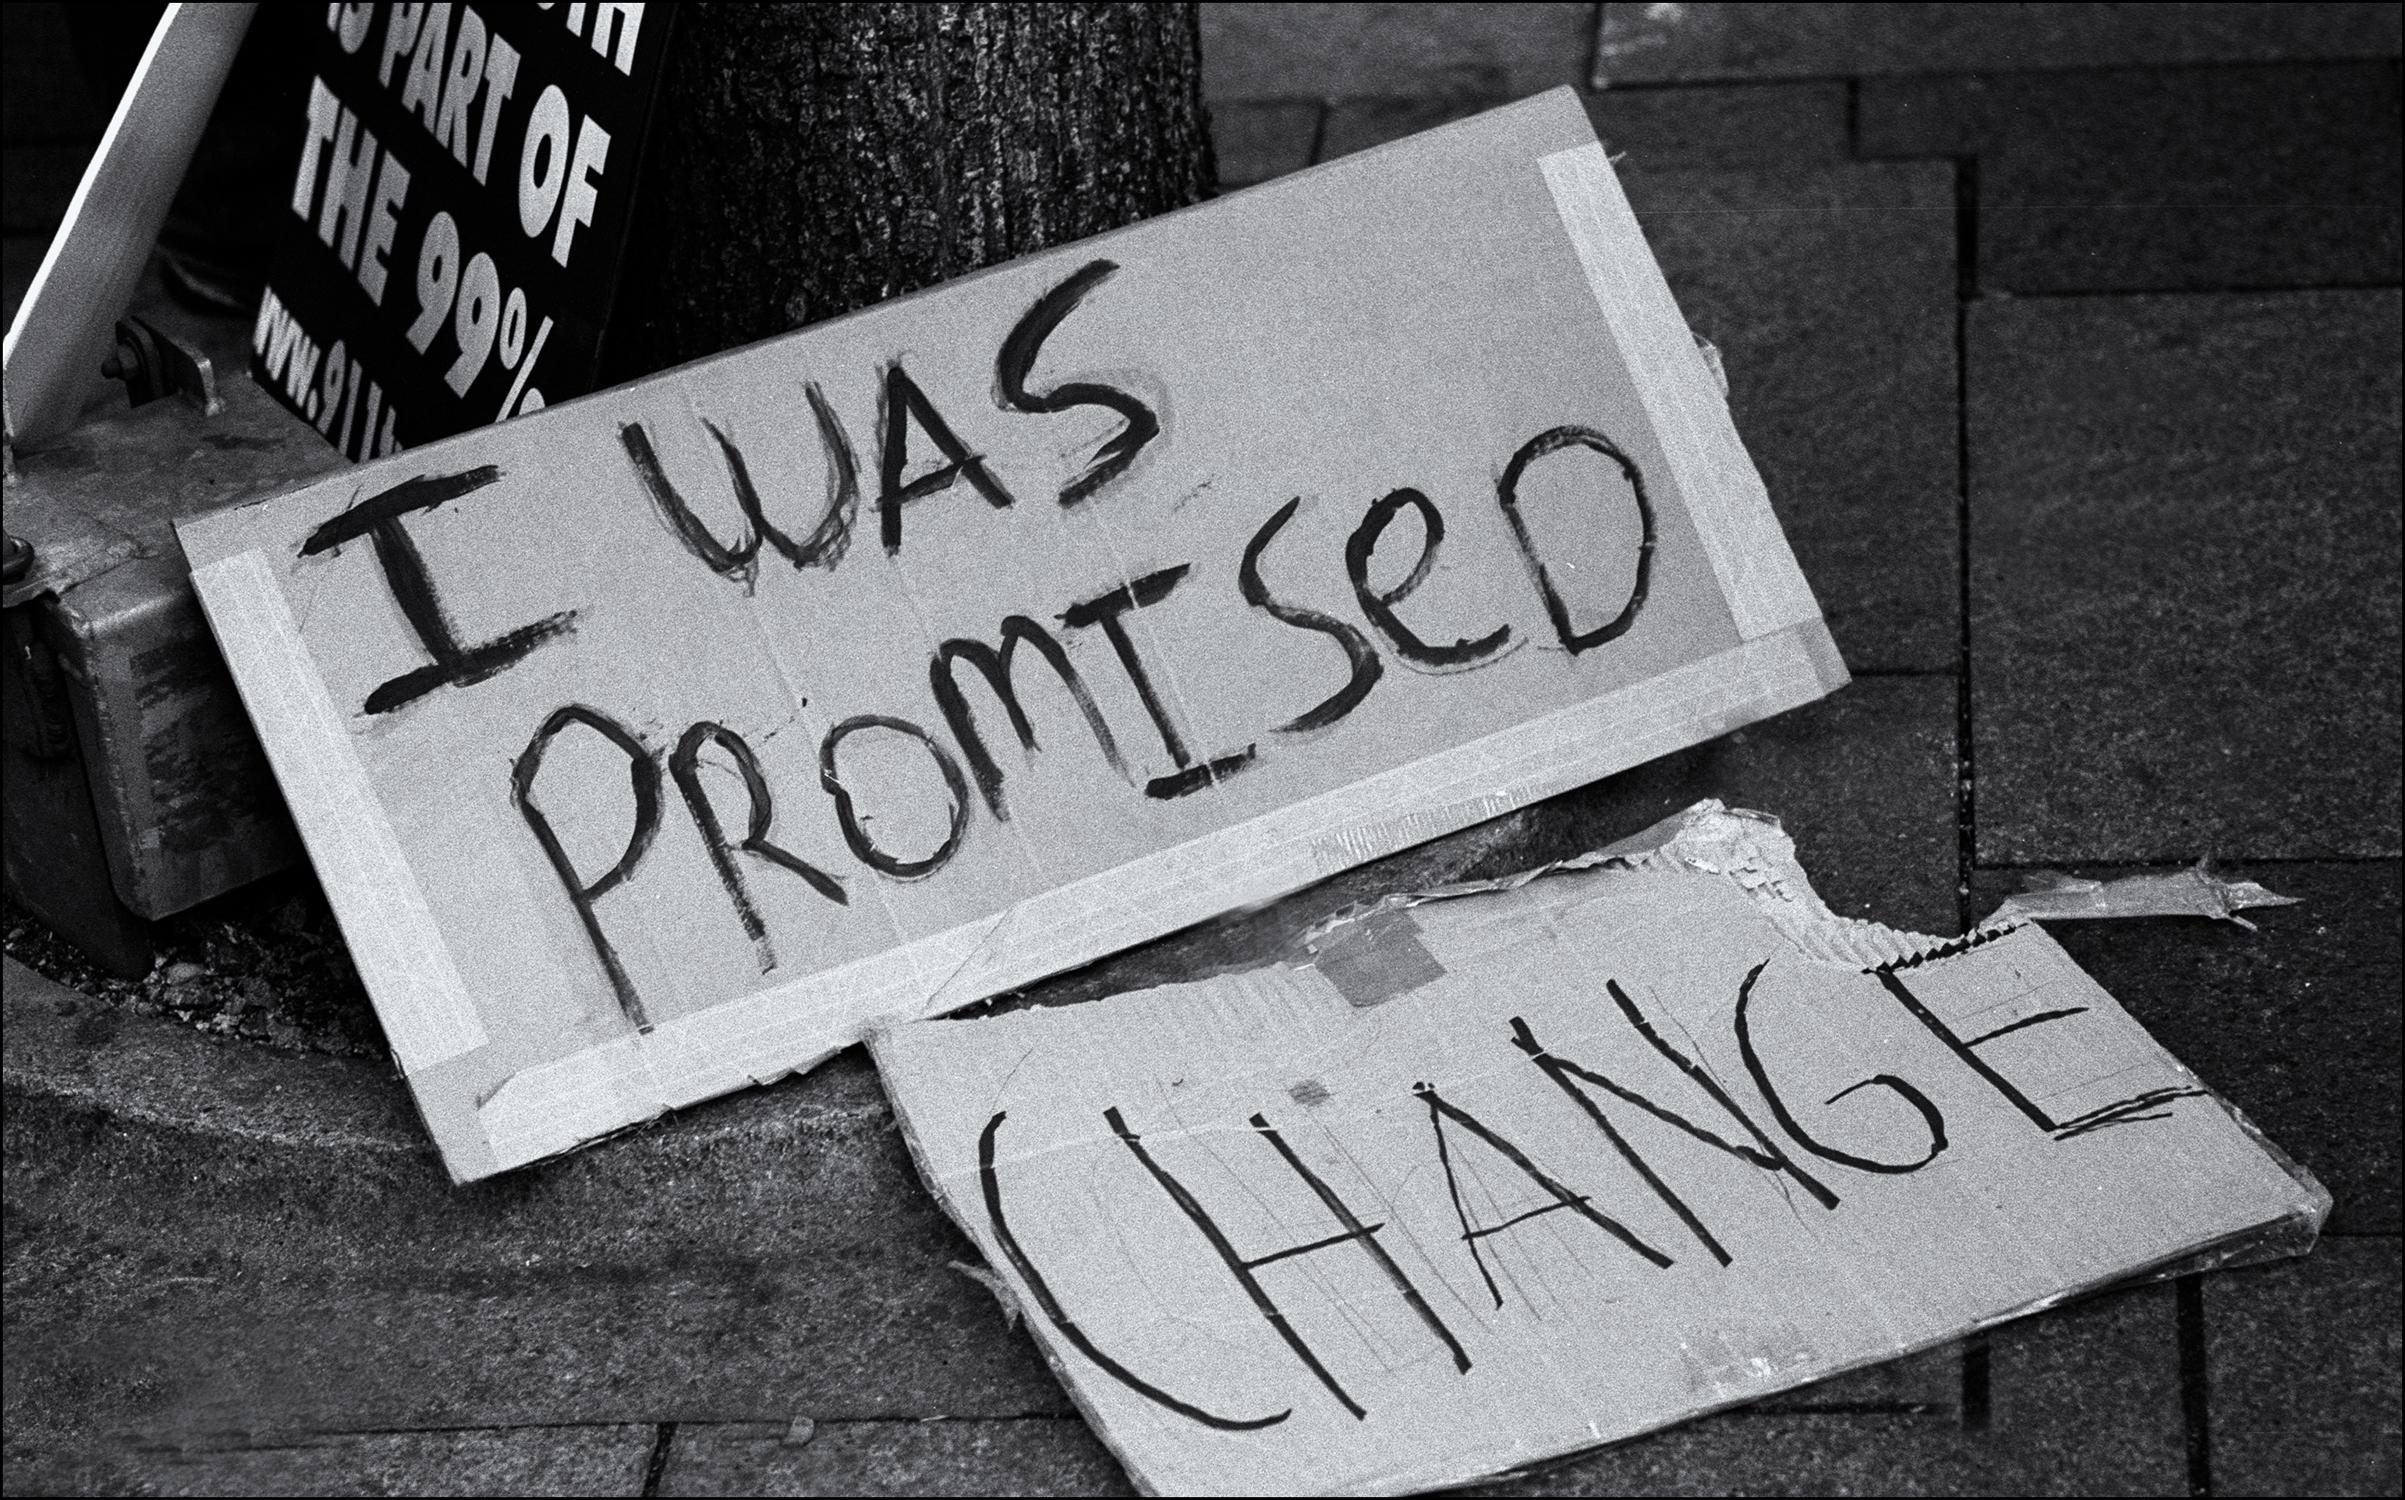 Promised change.jpg